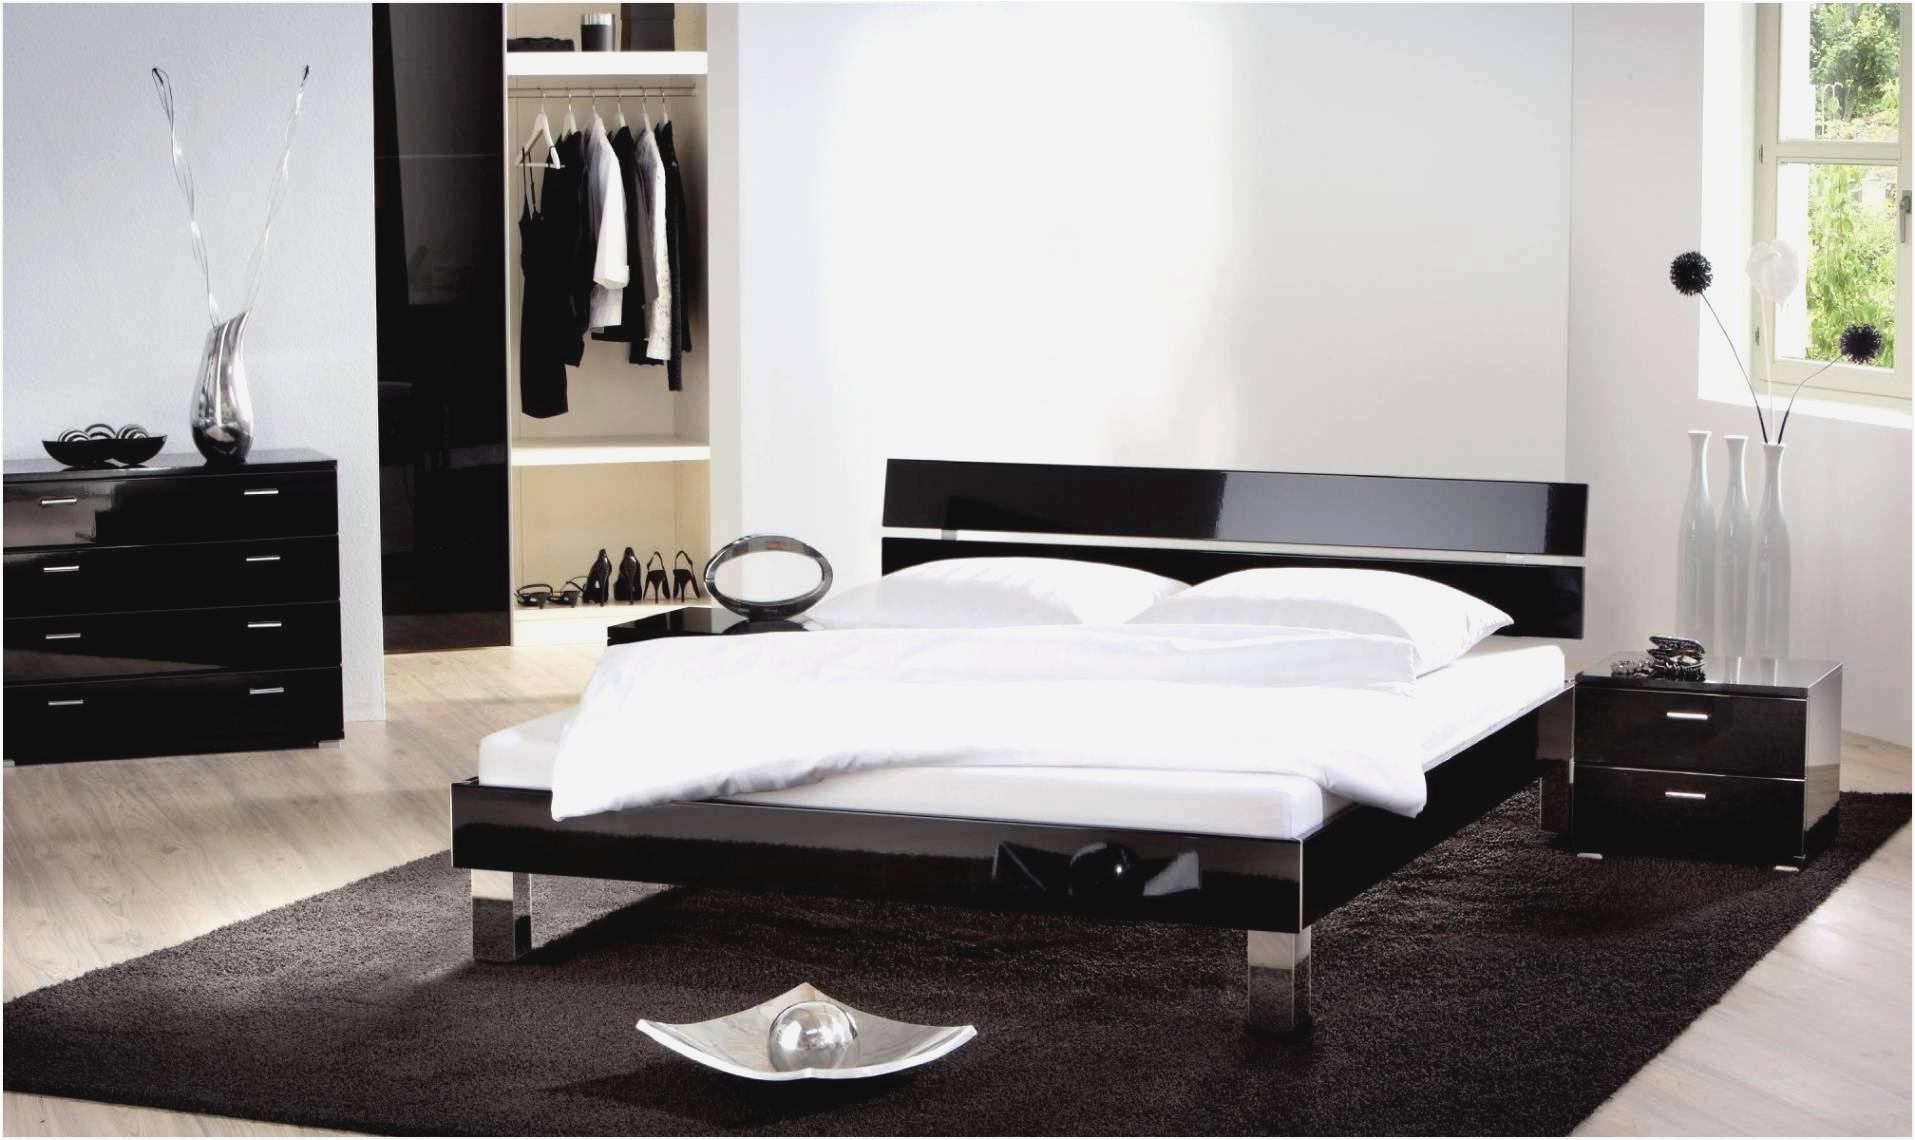 Schlafzimmer Deko Diy Deko Ideen Schlafzimmer Diy Dekorationsideen Traumhaus